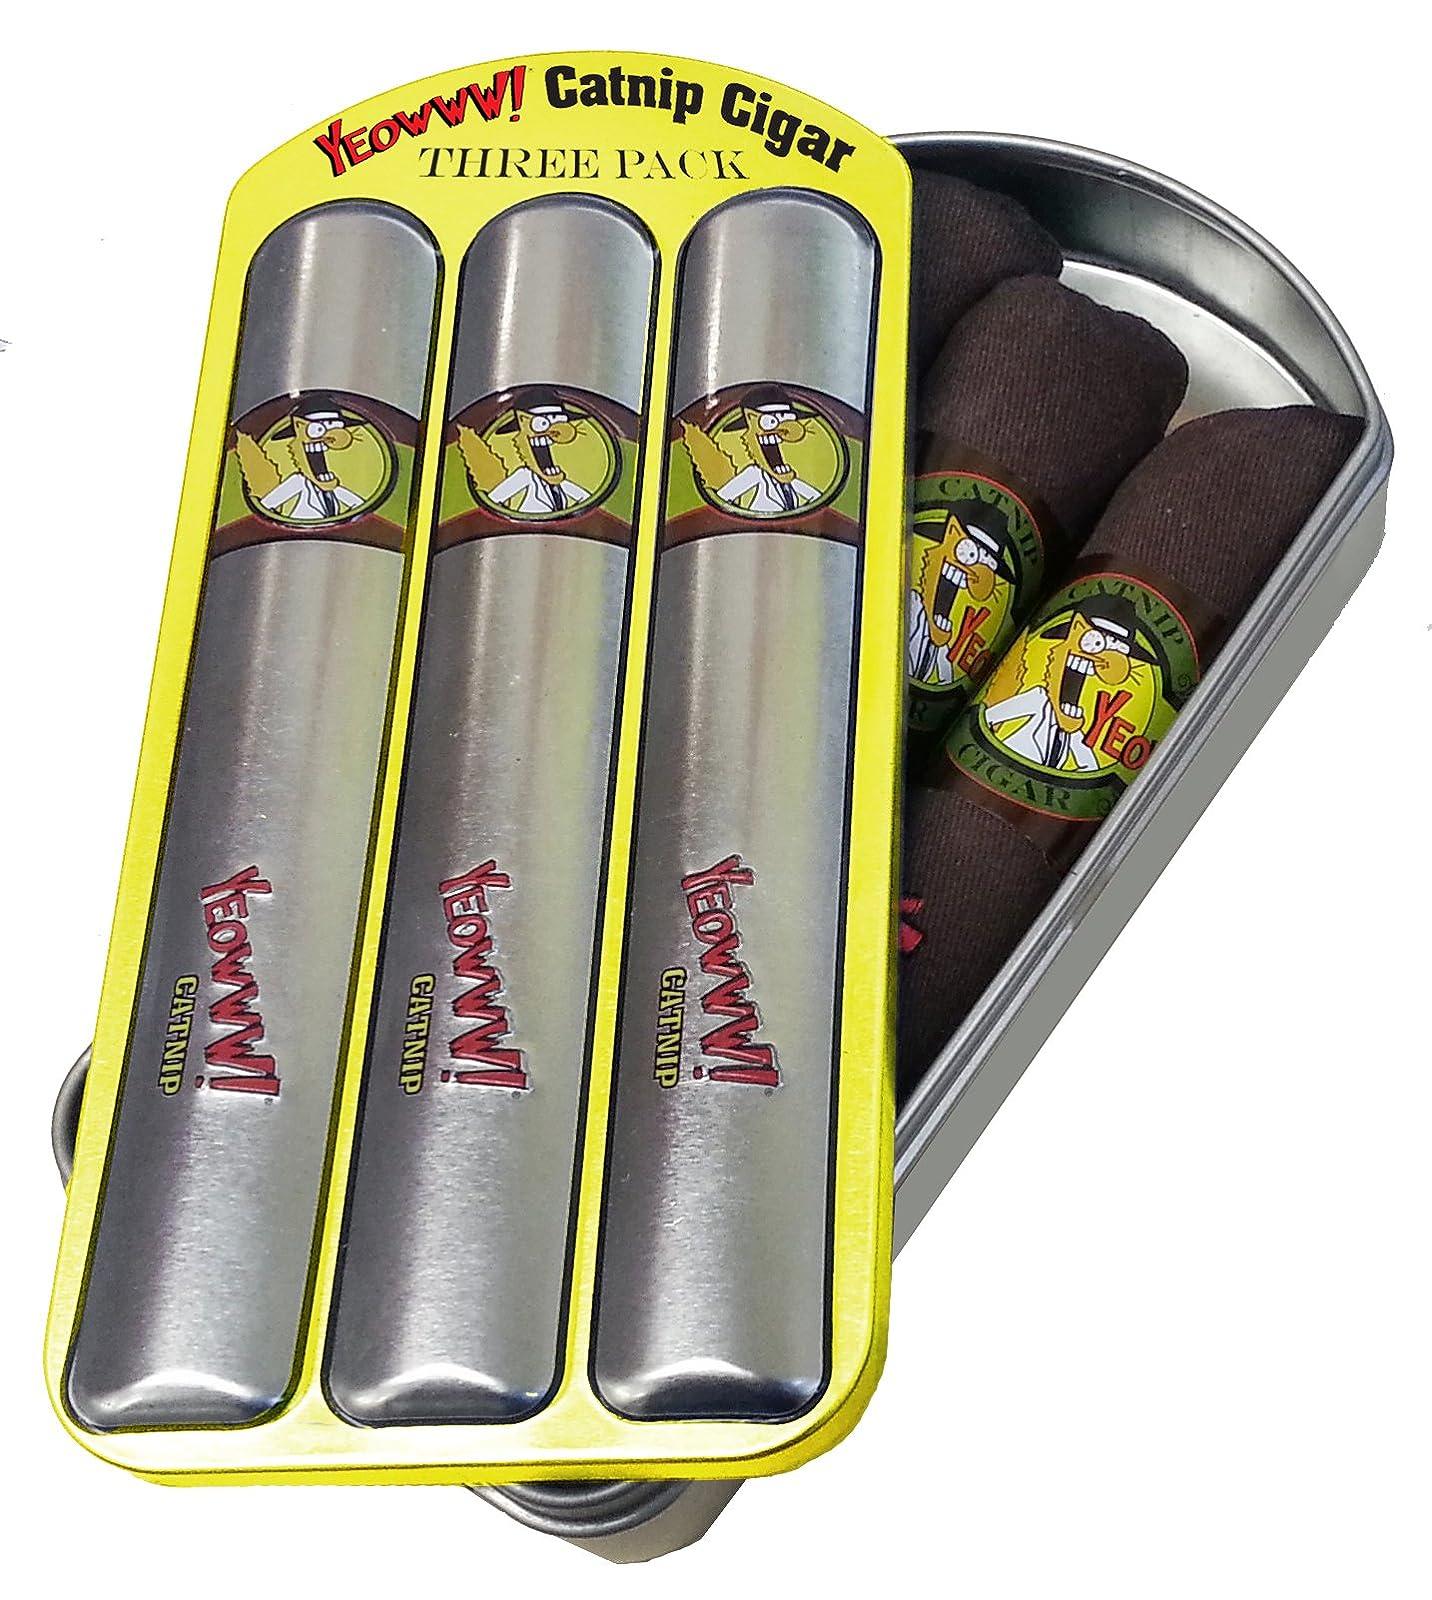 Yeowww! 3-Pack Catnip Toy 8 12402 00032 4 N/A - 1